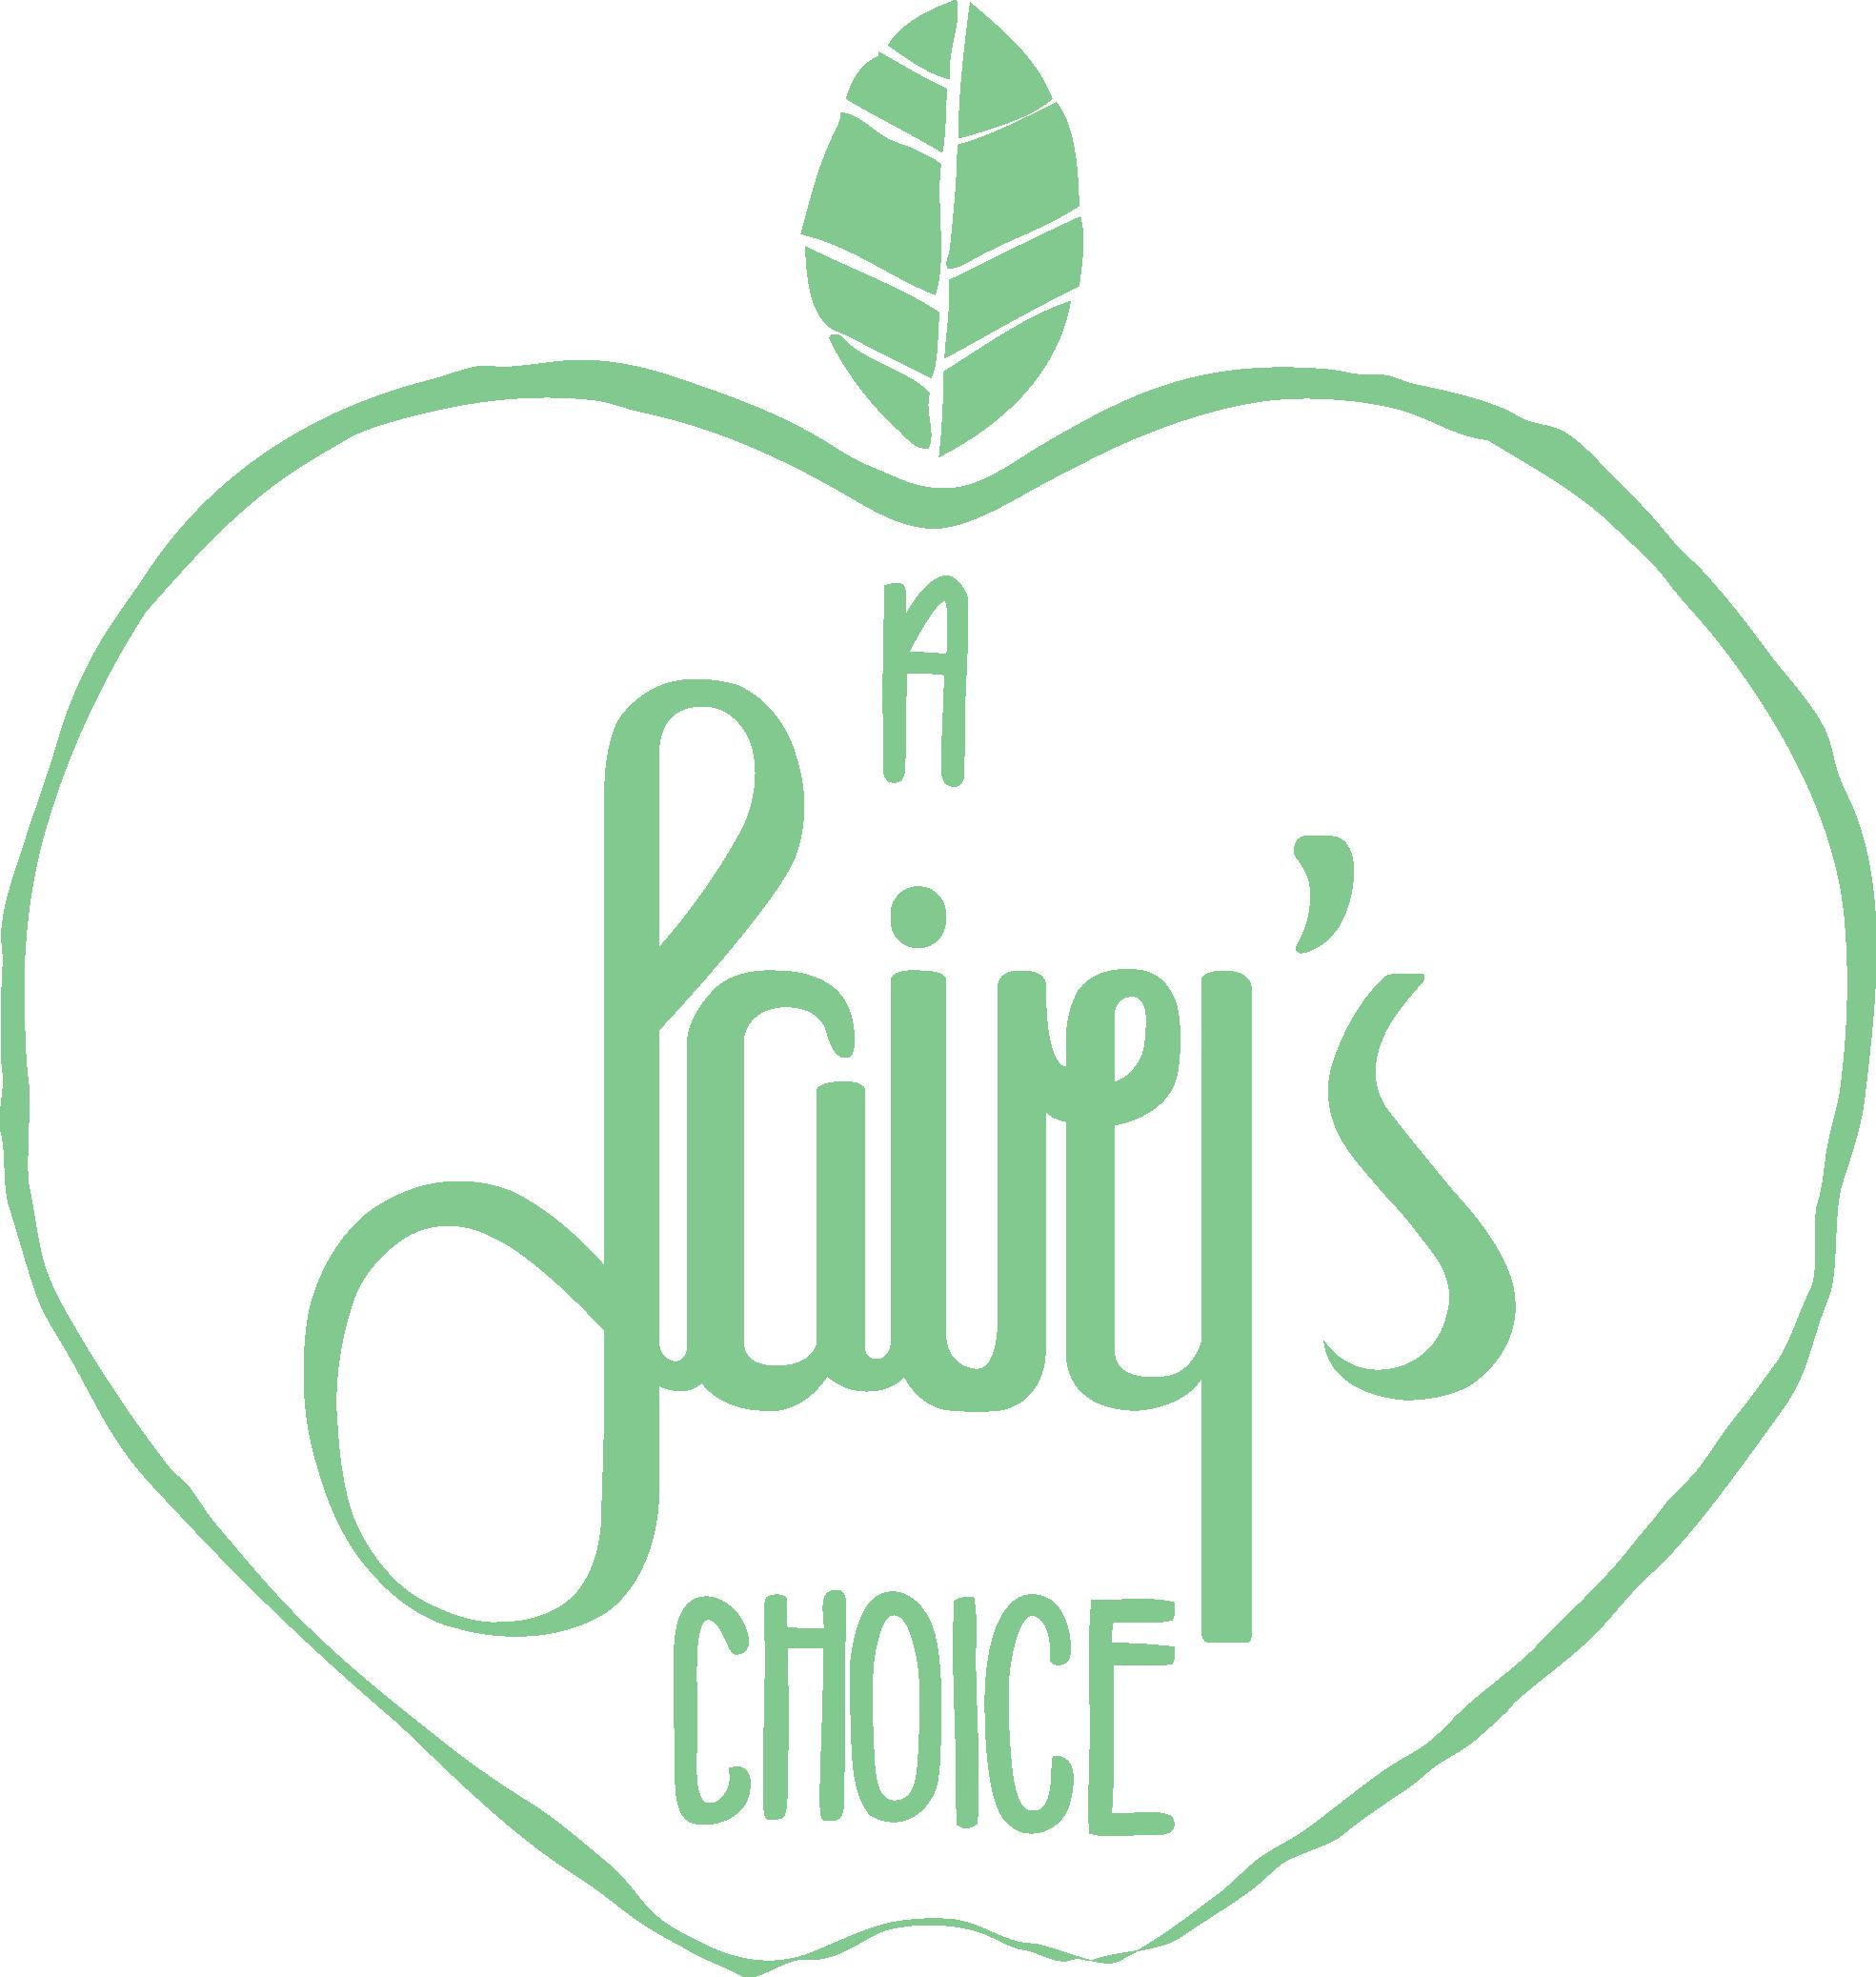 a fairy's choice